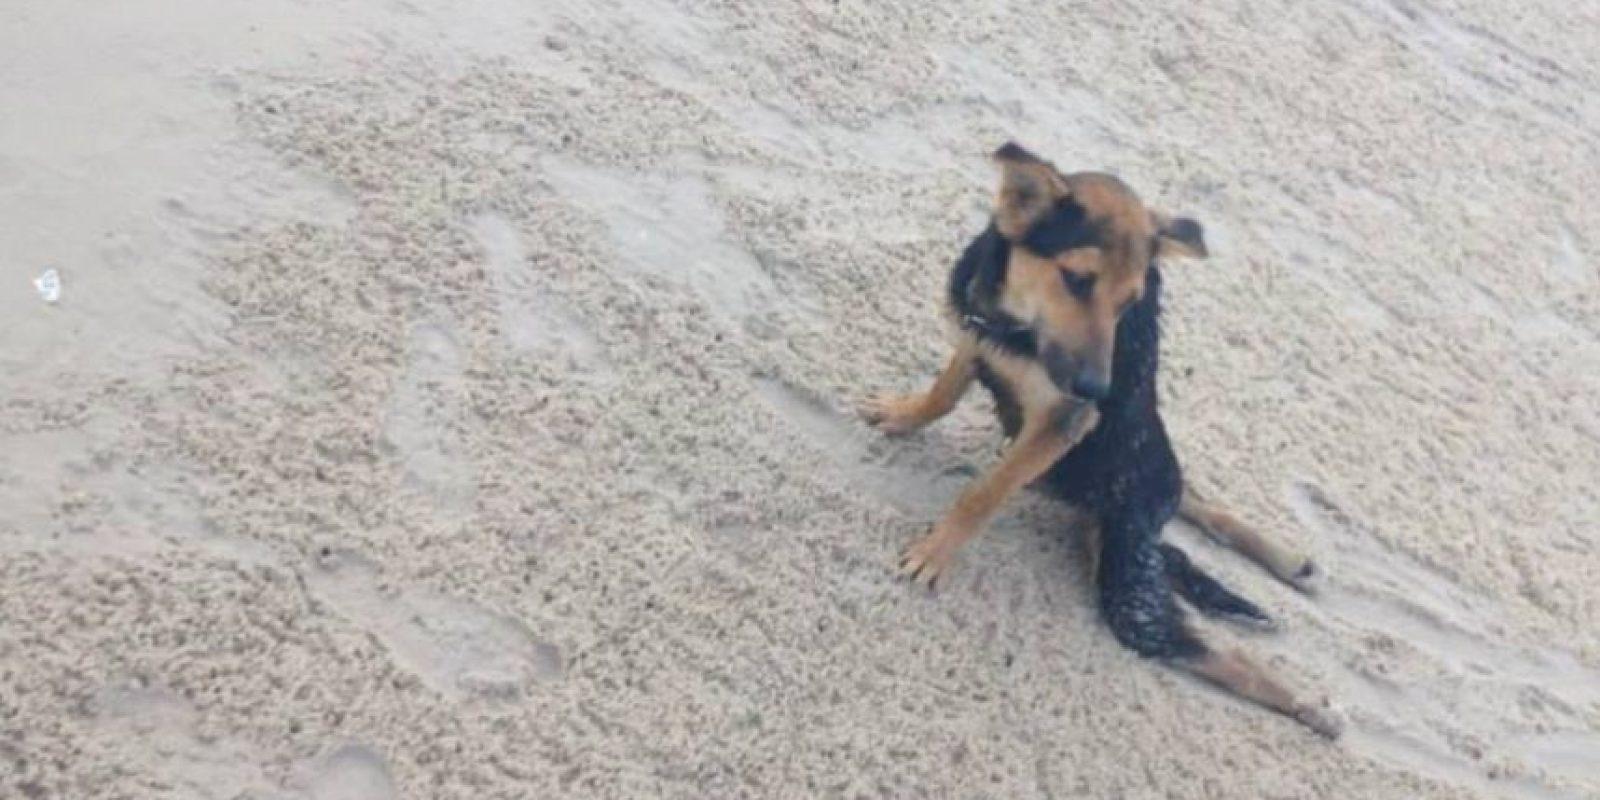 Así fue encontrado en junio de 2014, en la playa Hua Hin de Tailandia Foto:Reddit Meaags